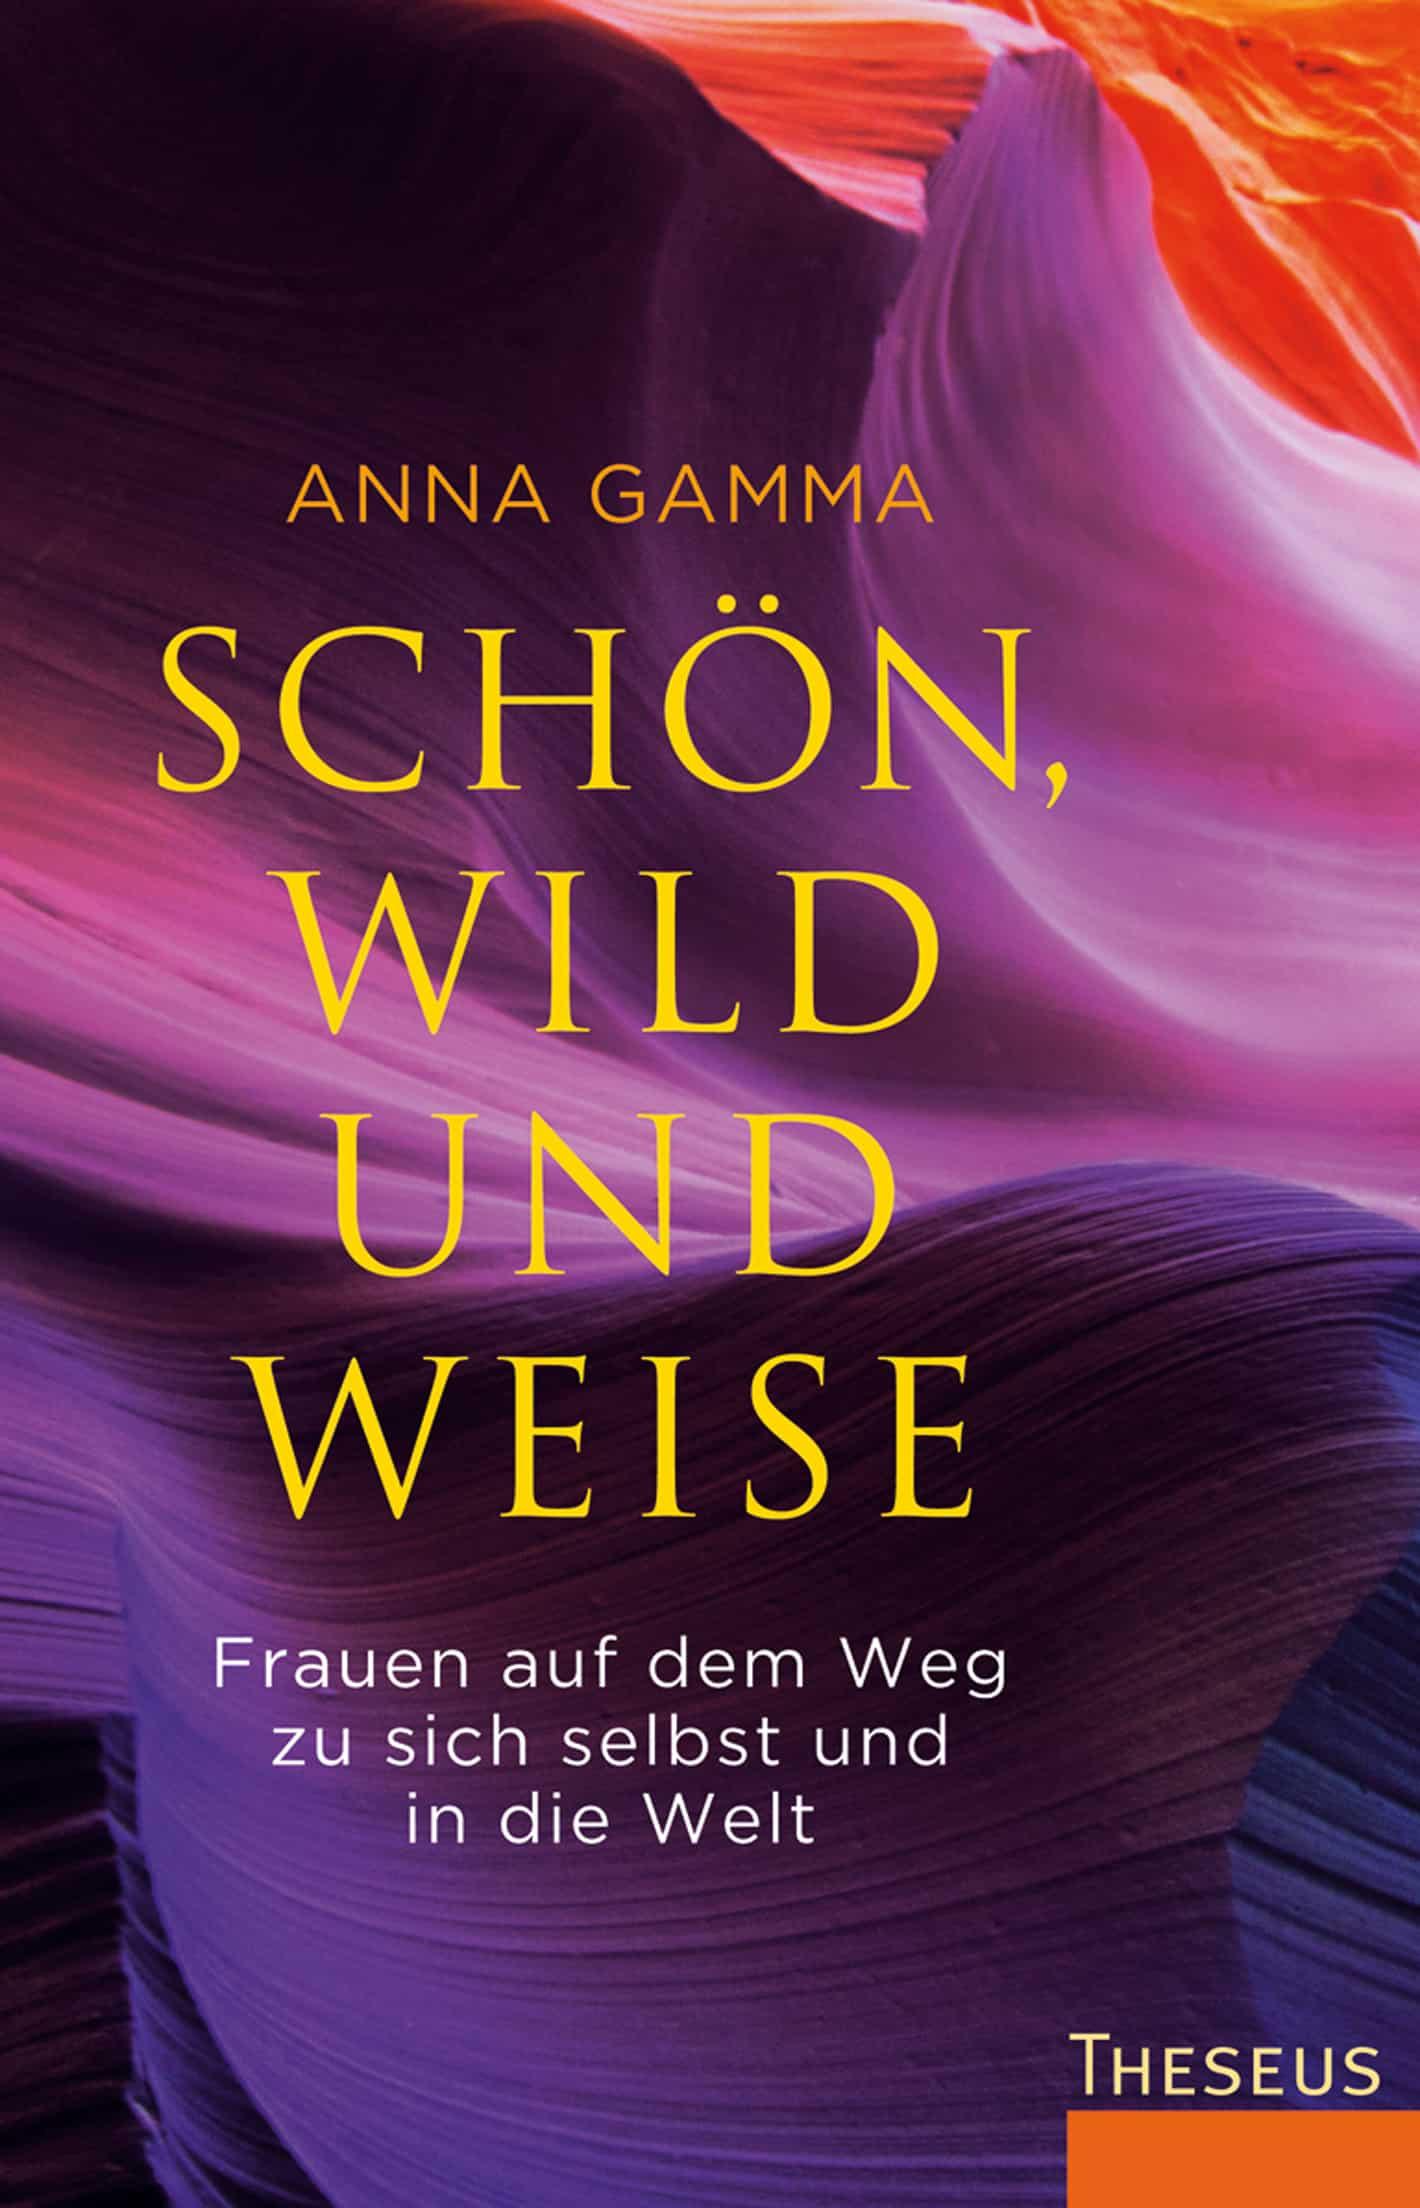 """""""Schön, wild und weise"""" von Anna Gamma © Theseus/Kamphausen Yogannetteblog.de"""